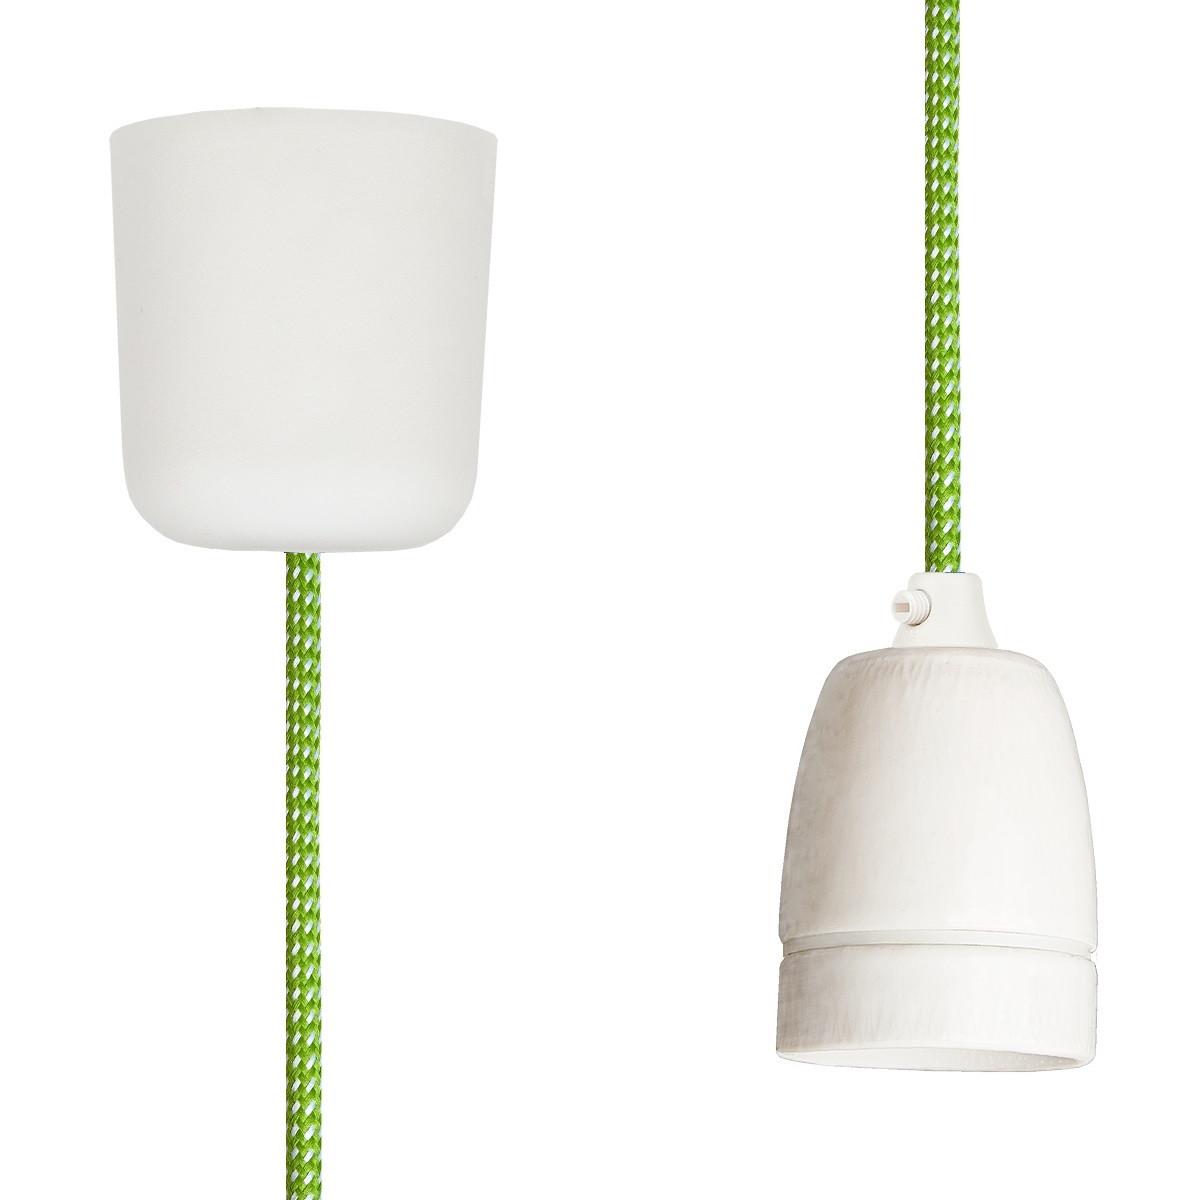 Textilkabel-Hängeleuchte Porzellan grün-weiß gepunktet